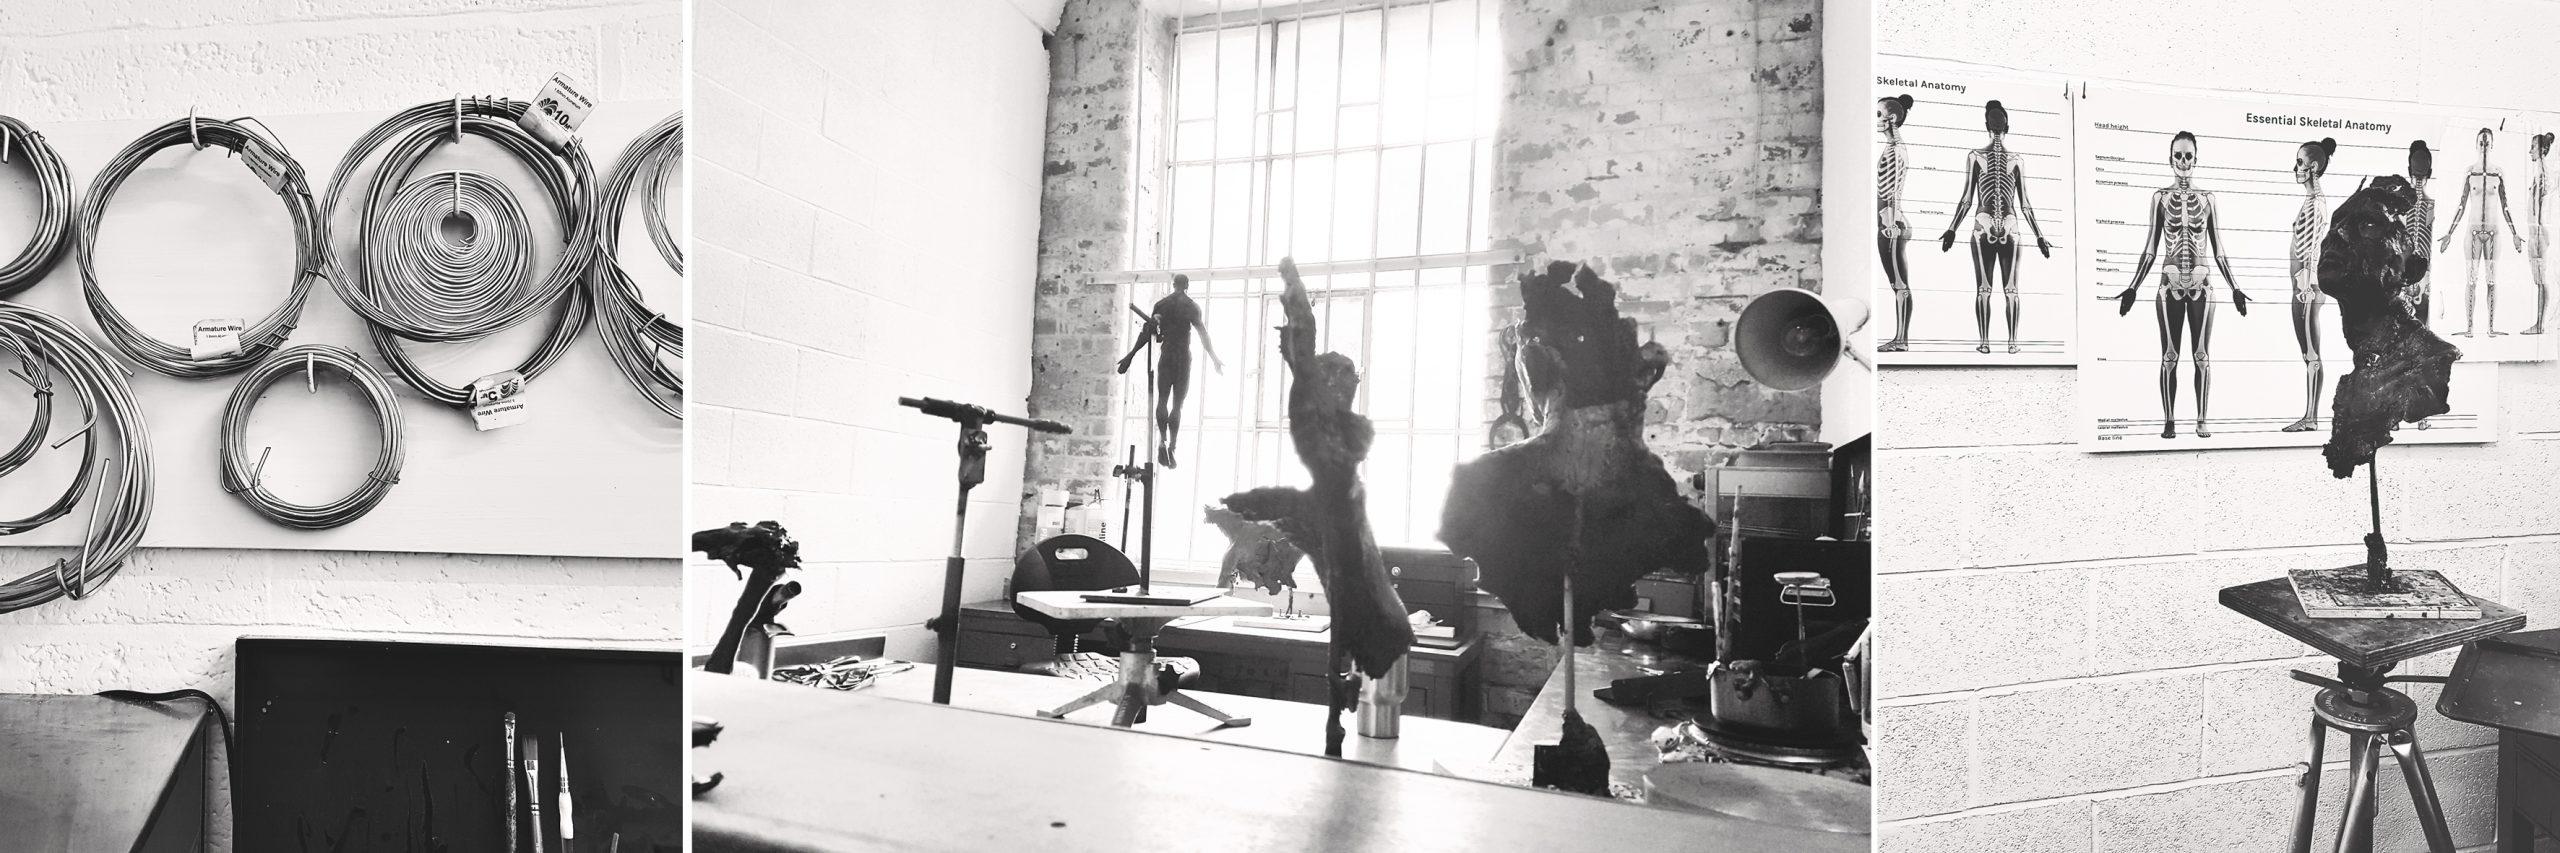 3-way montage showing work in progress sculptures and studio equipment